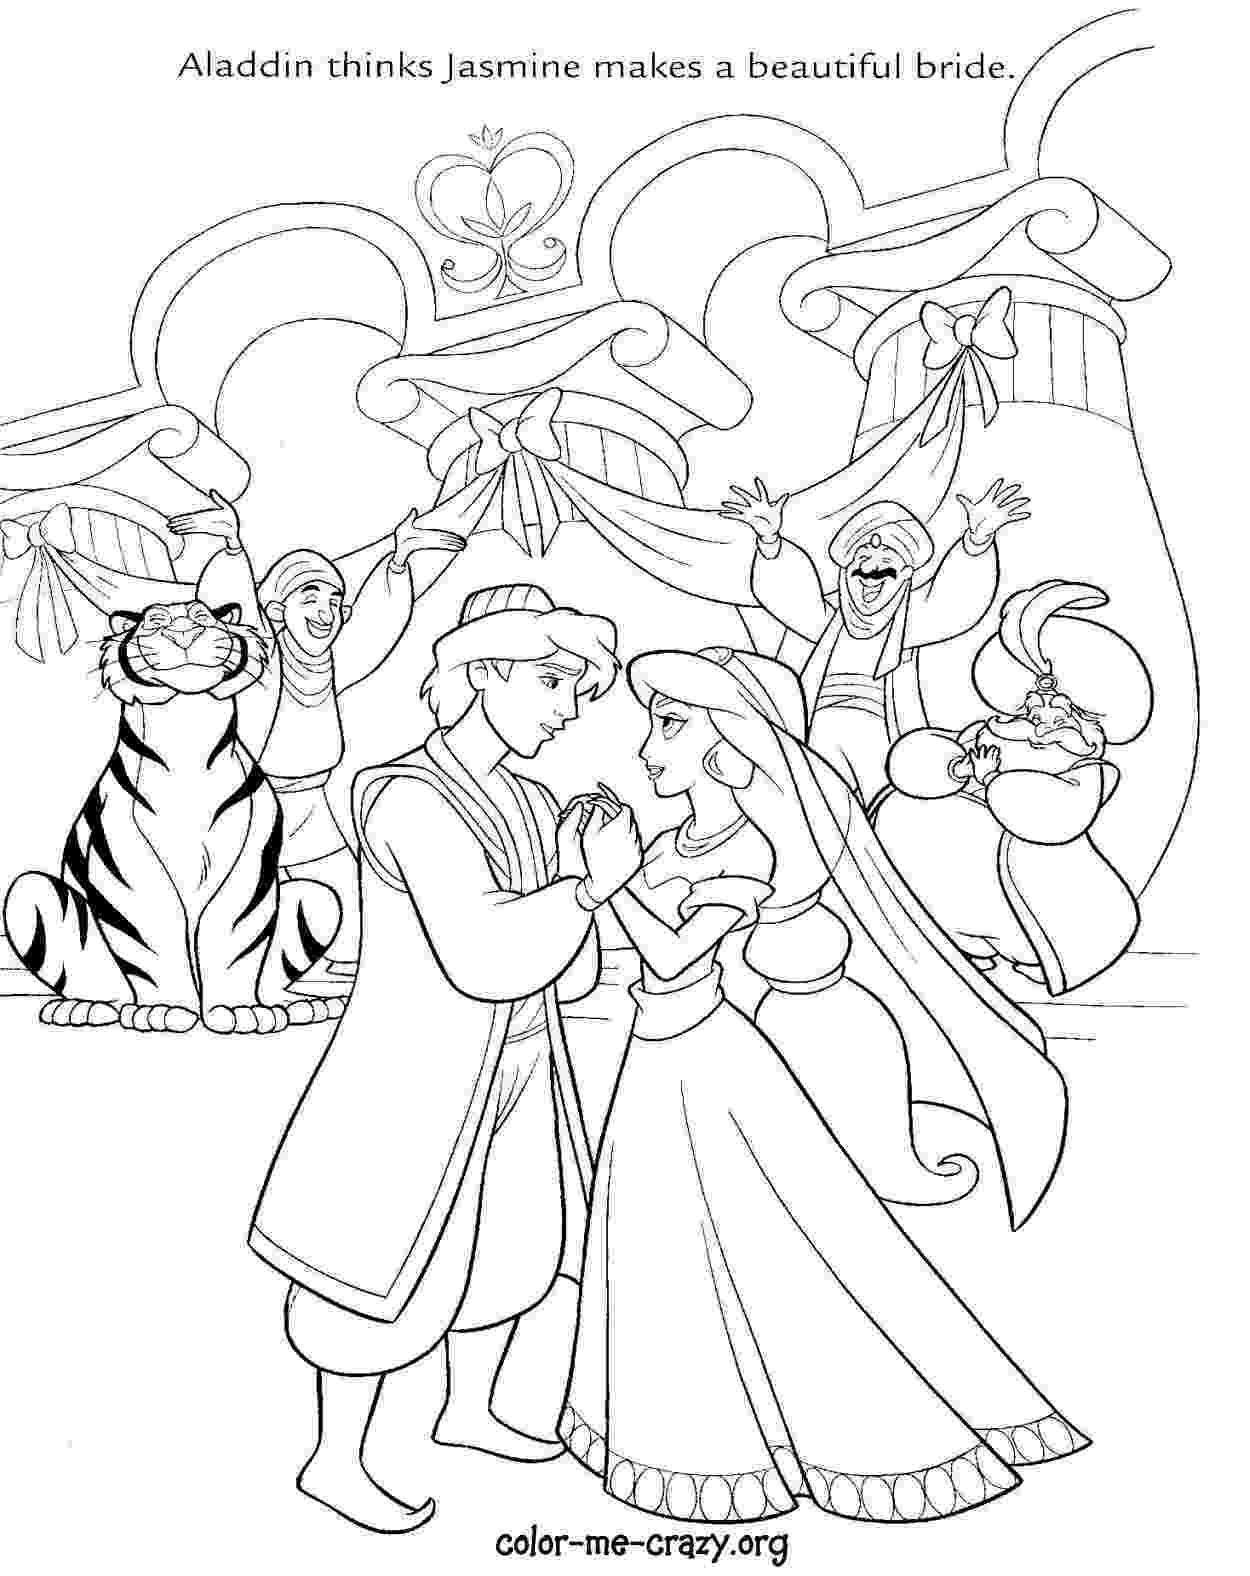 wedding coloring book colormecrazyorg disney wedding wishes book wedding coloring